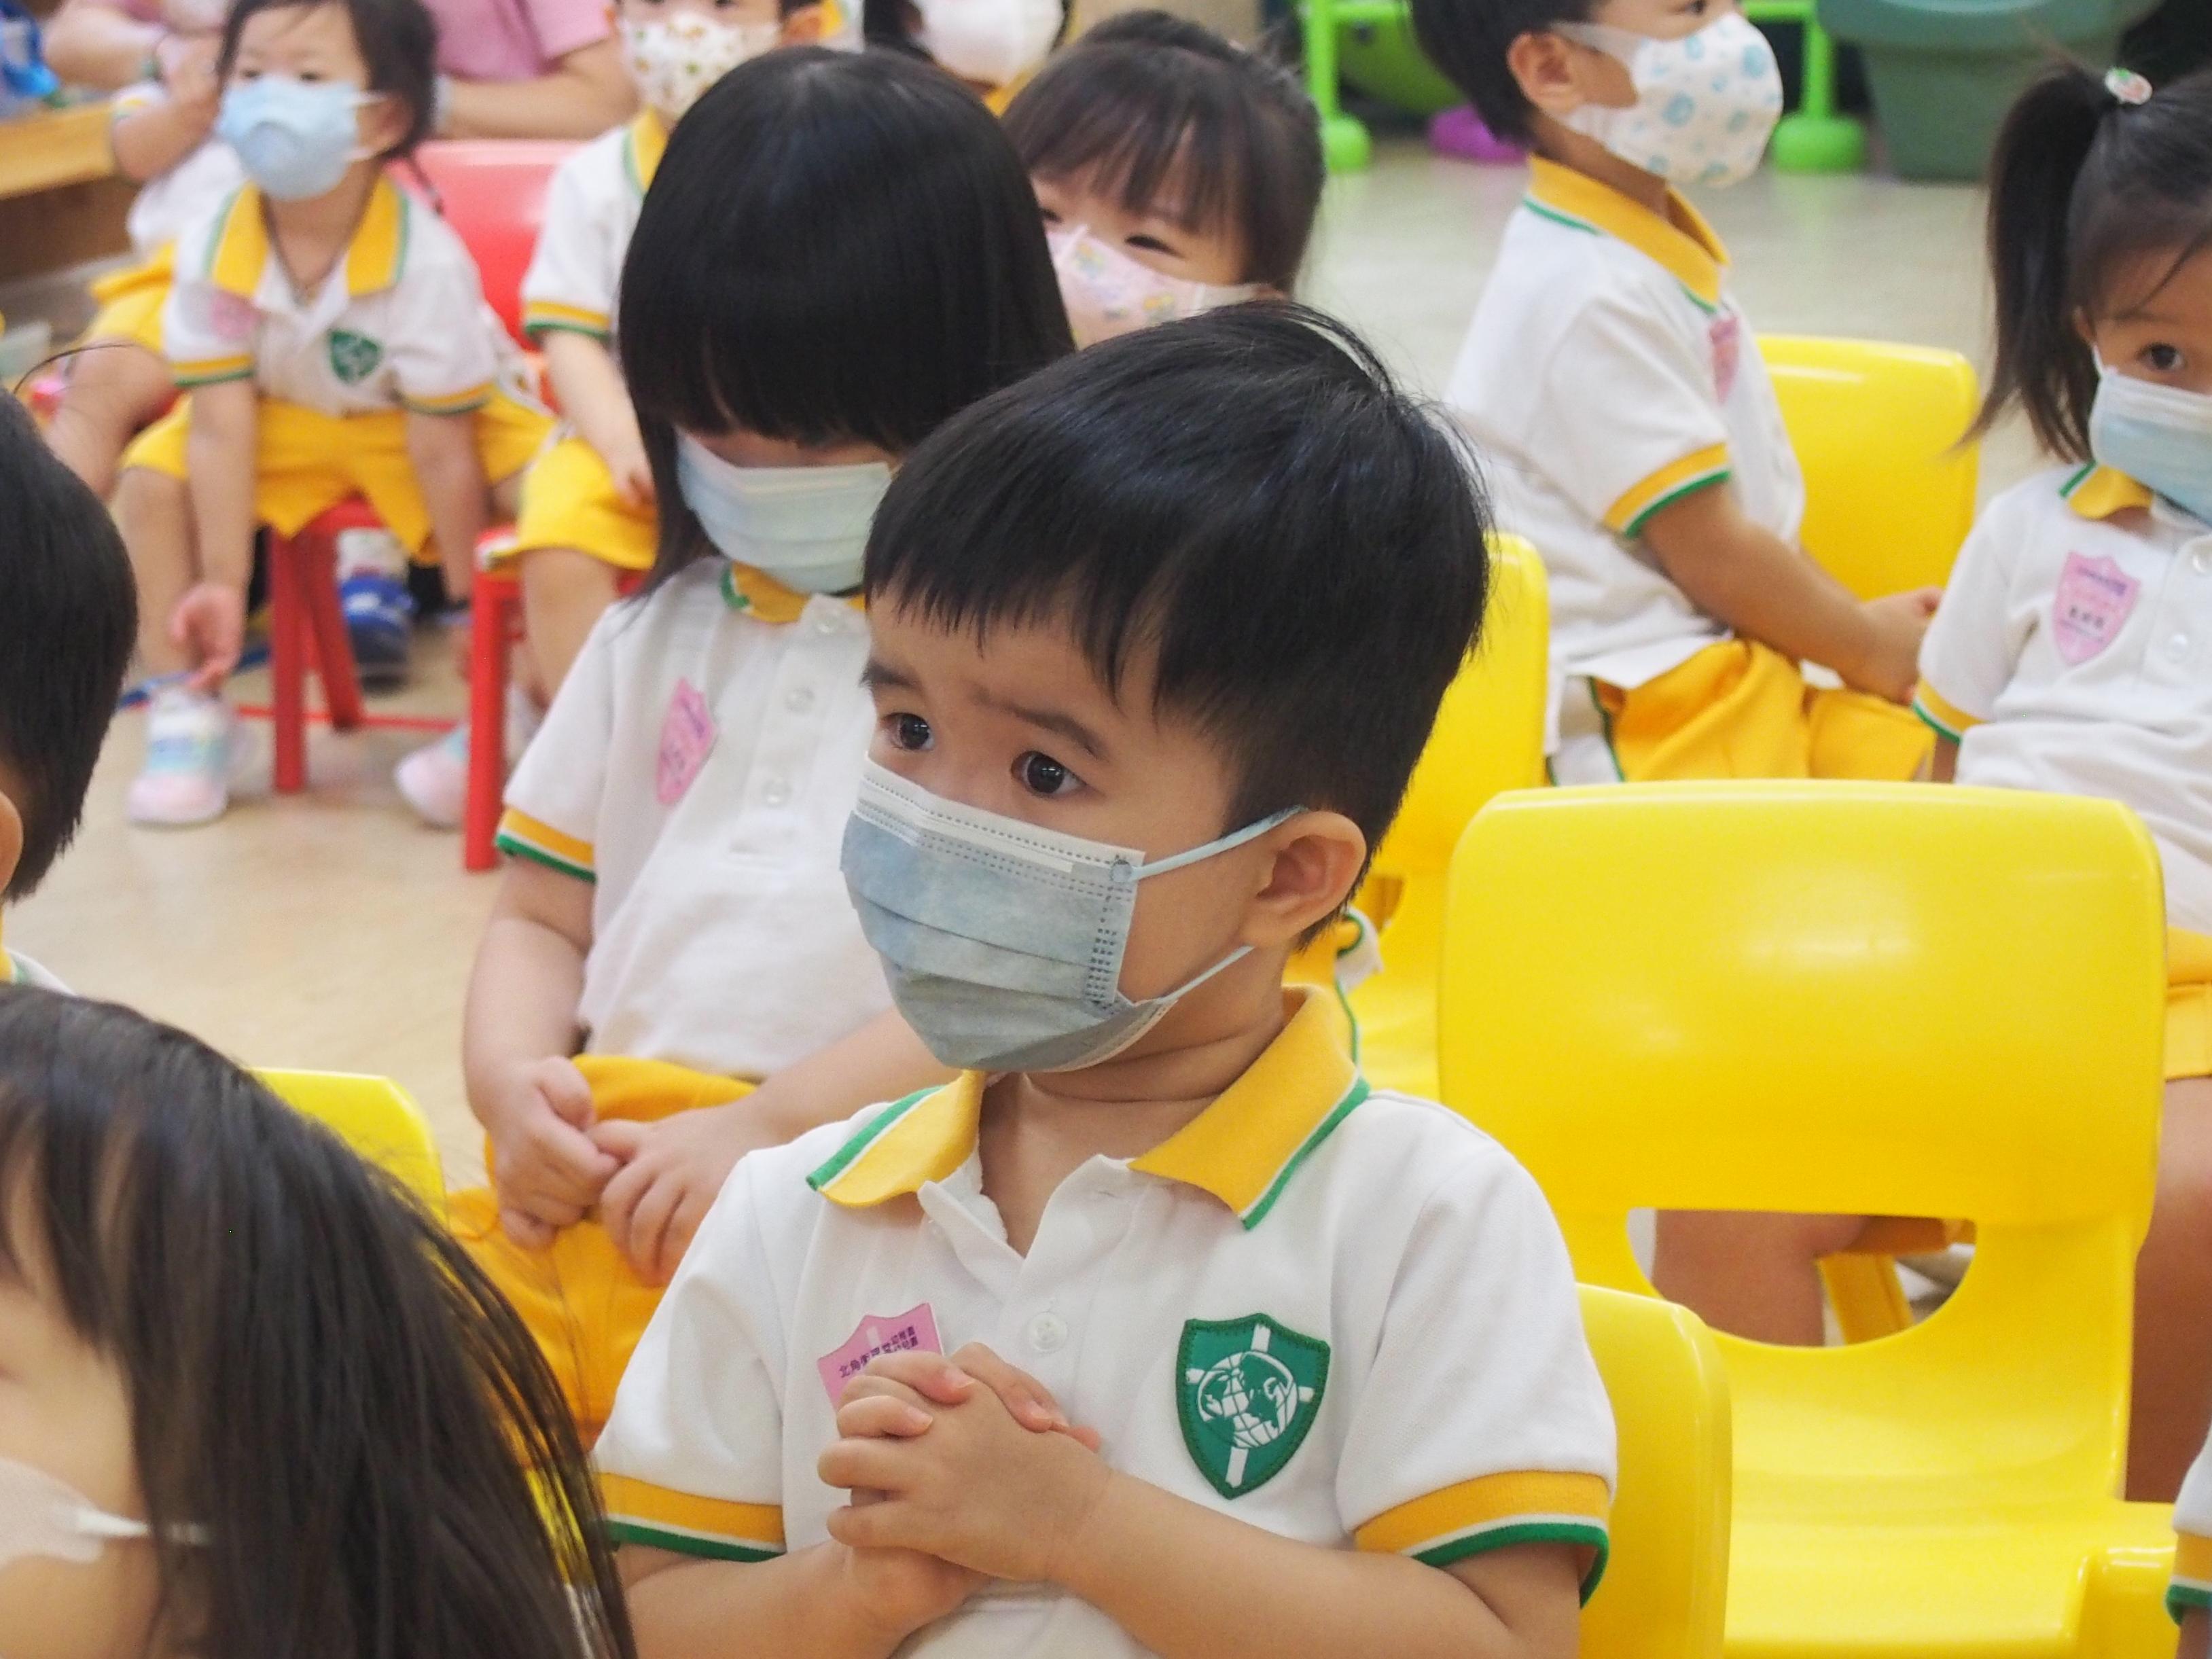 http://npmc.edu.hk/sites/default/files/p9240382a.jpg